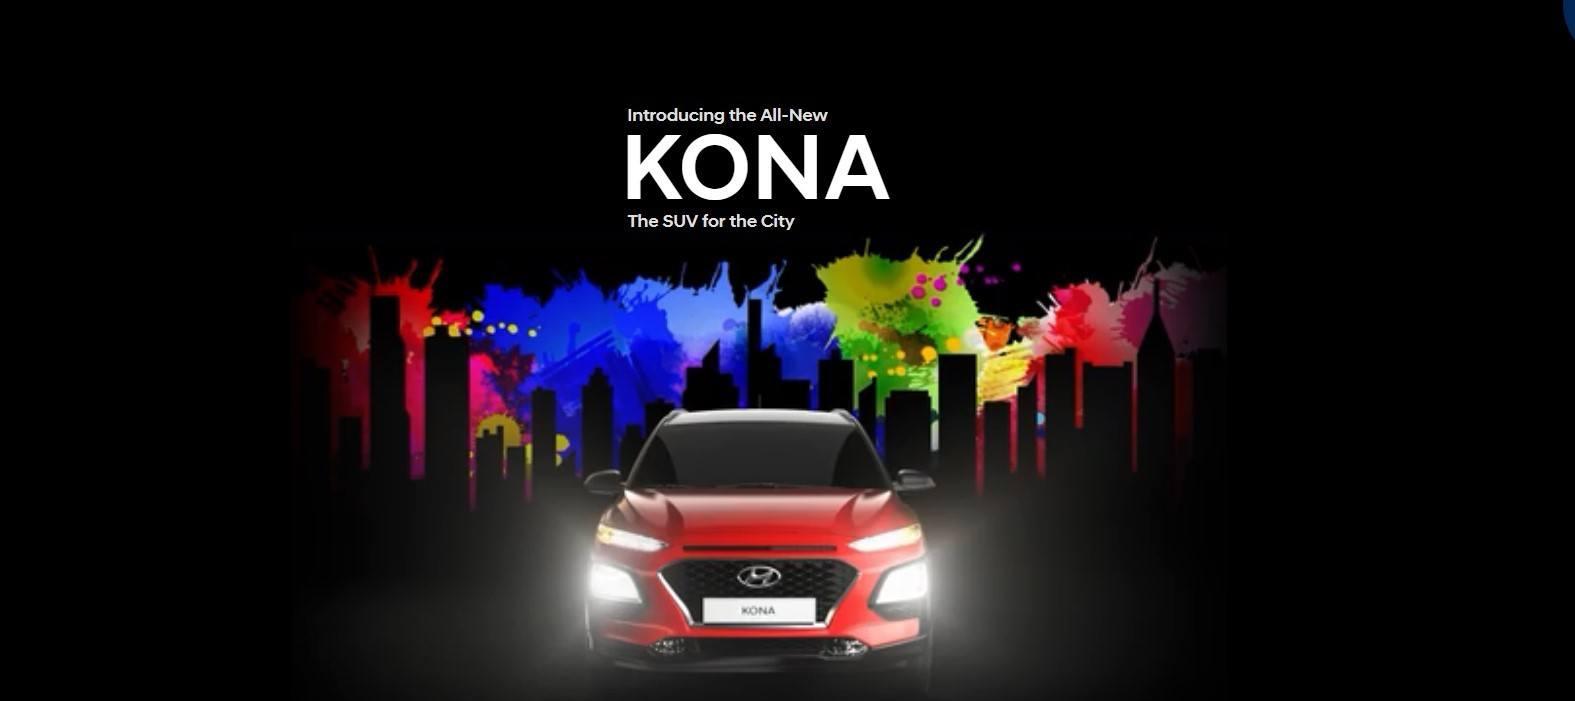 introducing Kona